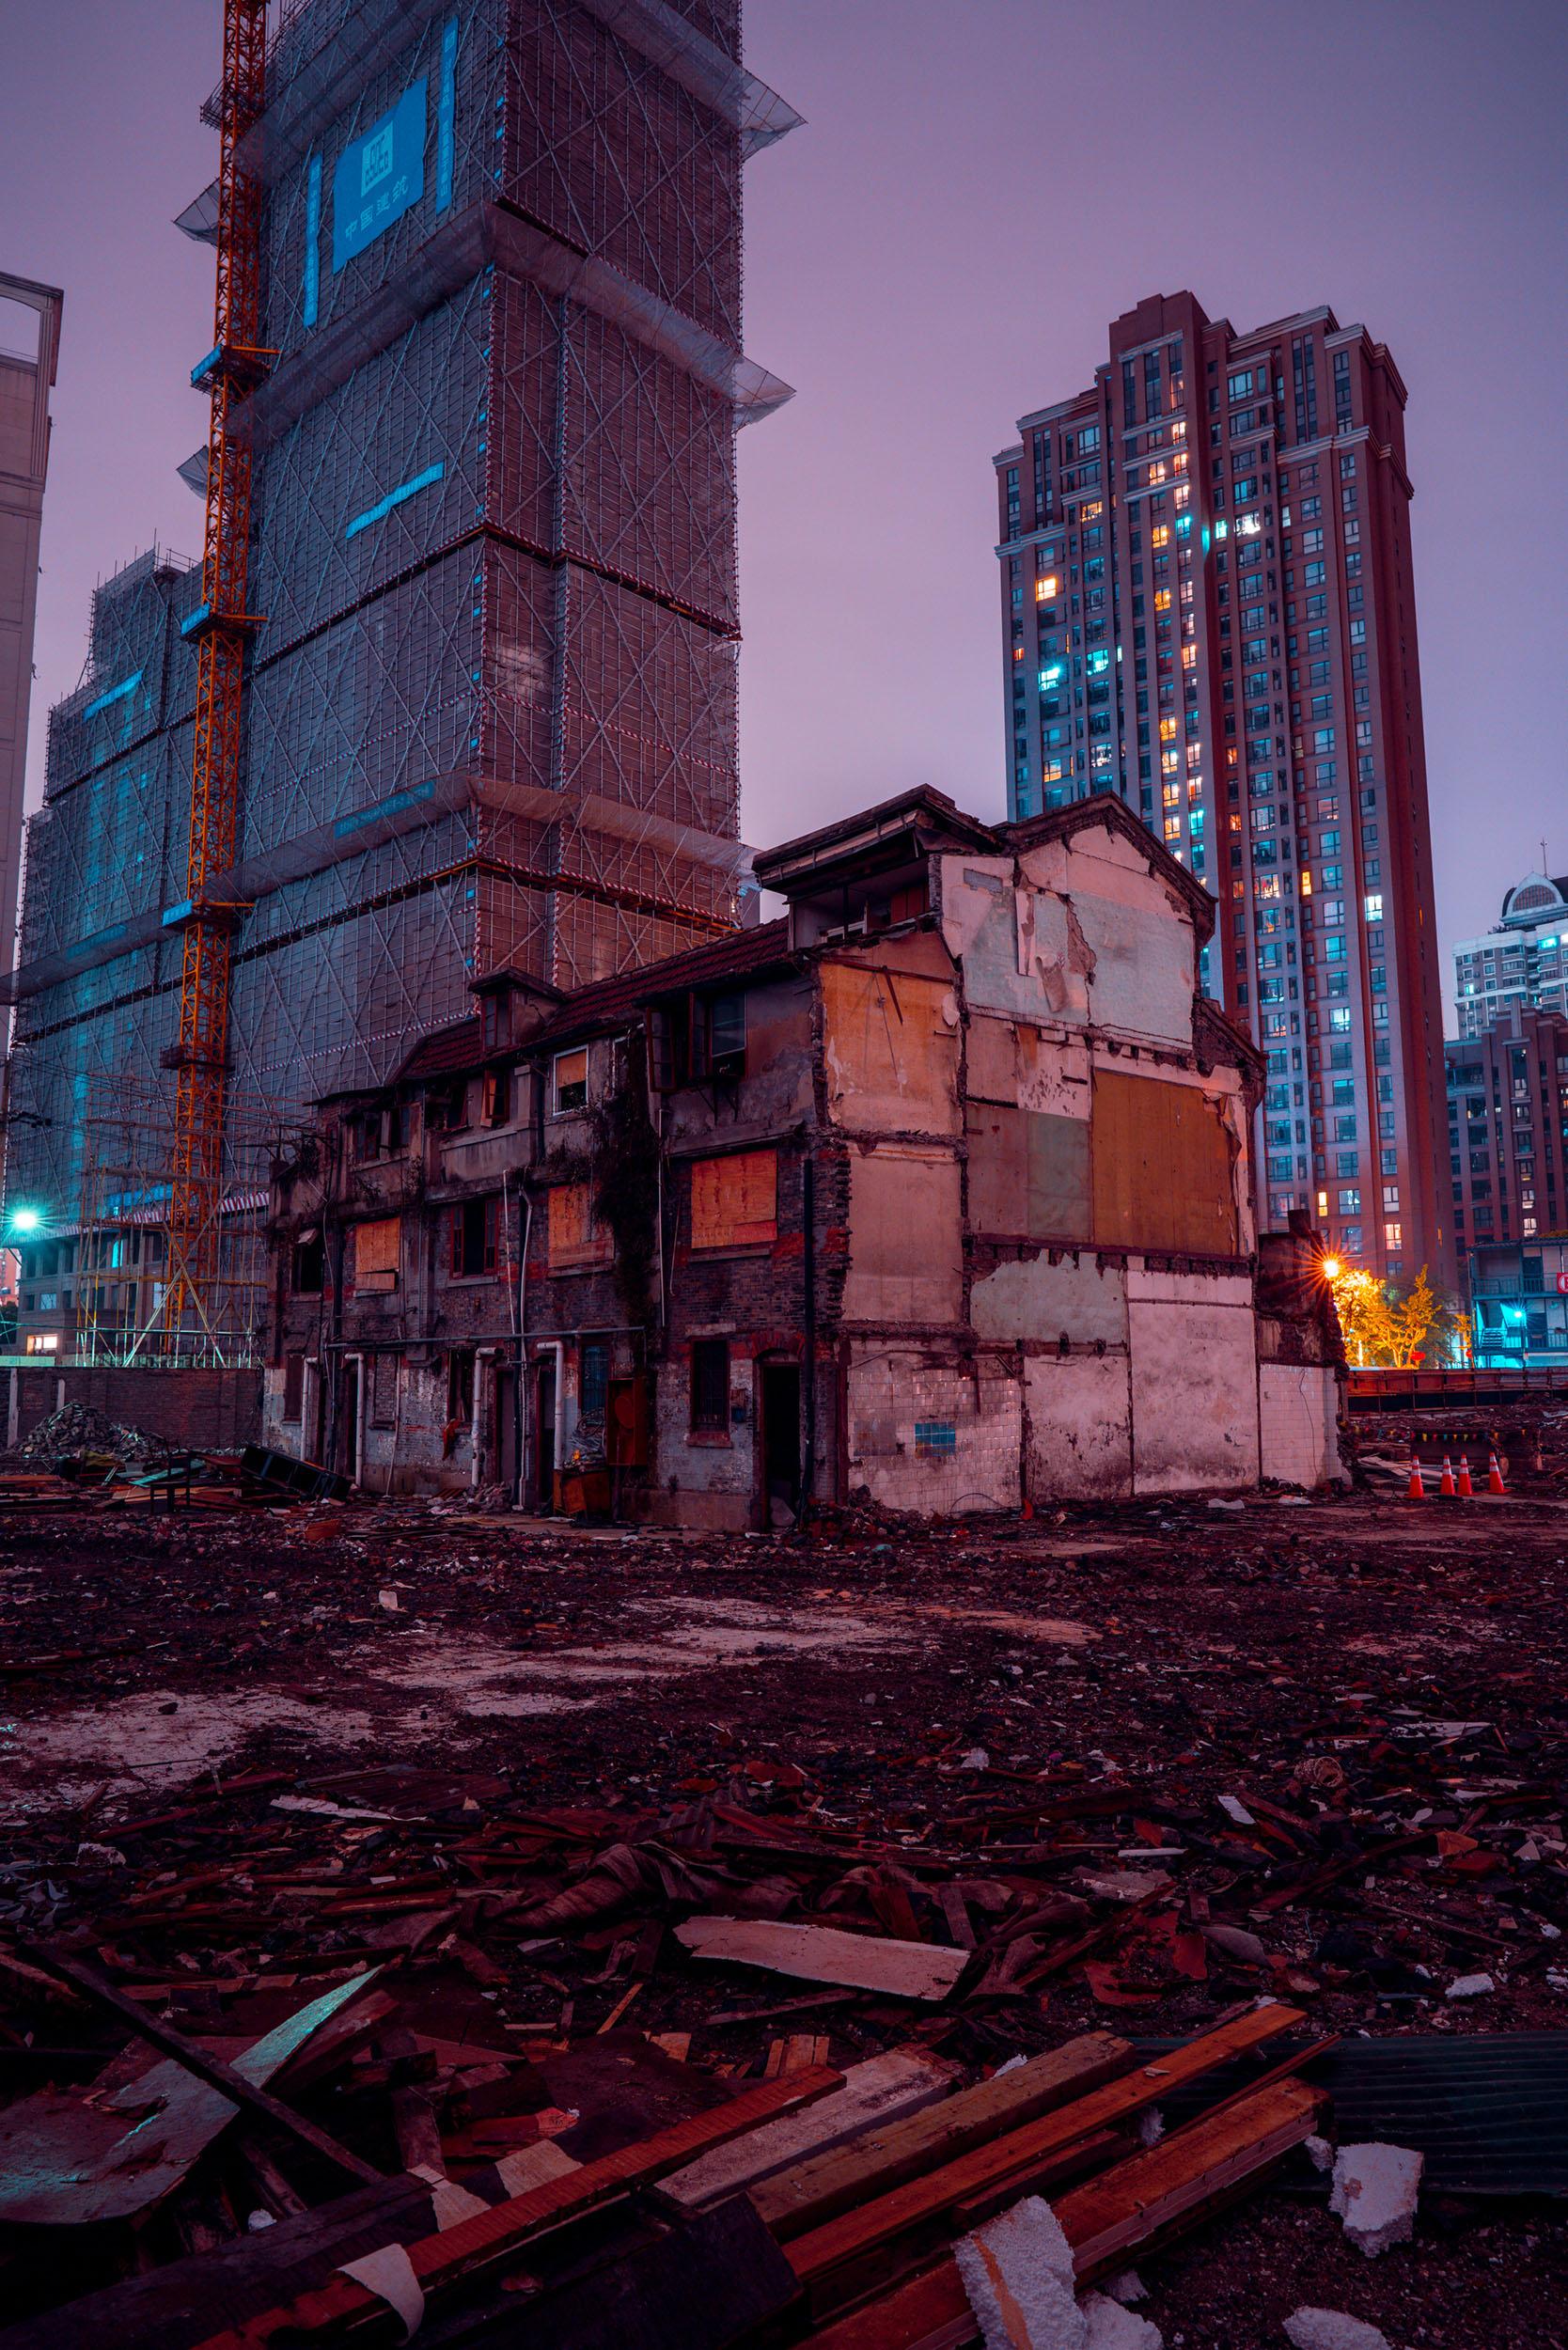 shanghai-streets-11a.jpg